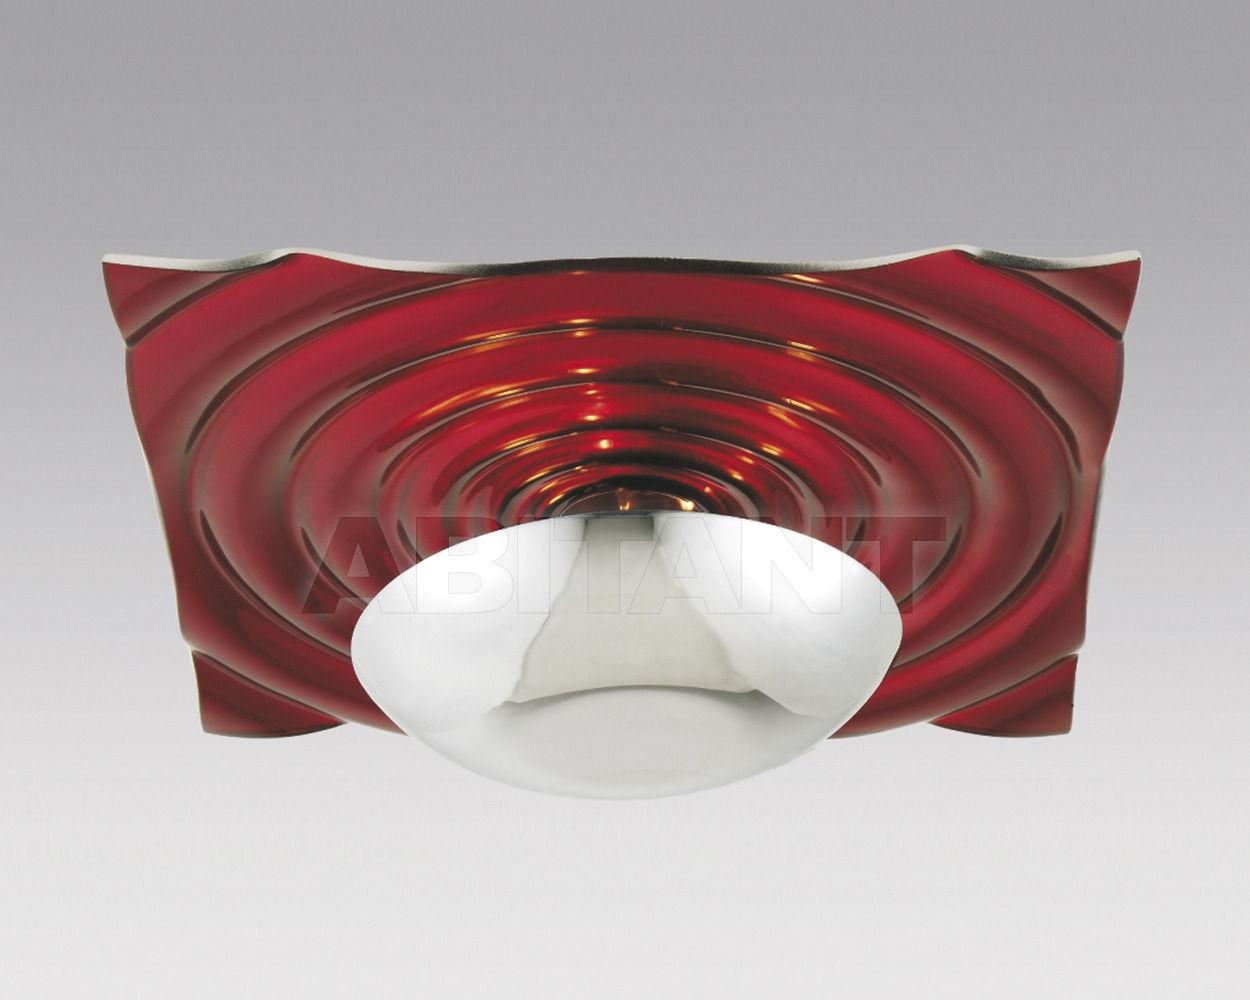 Купить Светильник Linea Verdace 2012 LV 60021/R